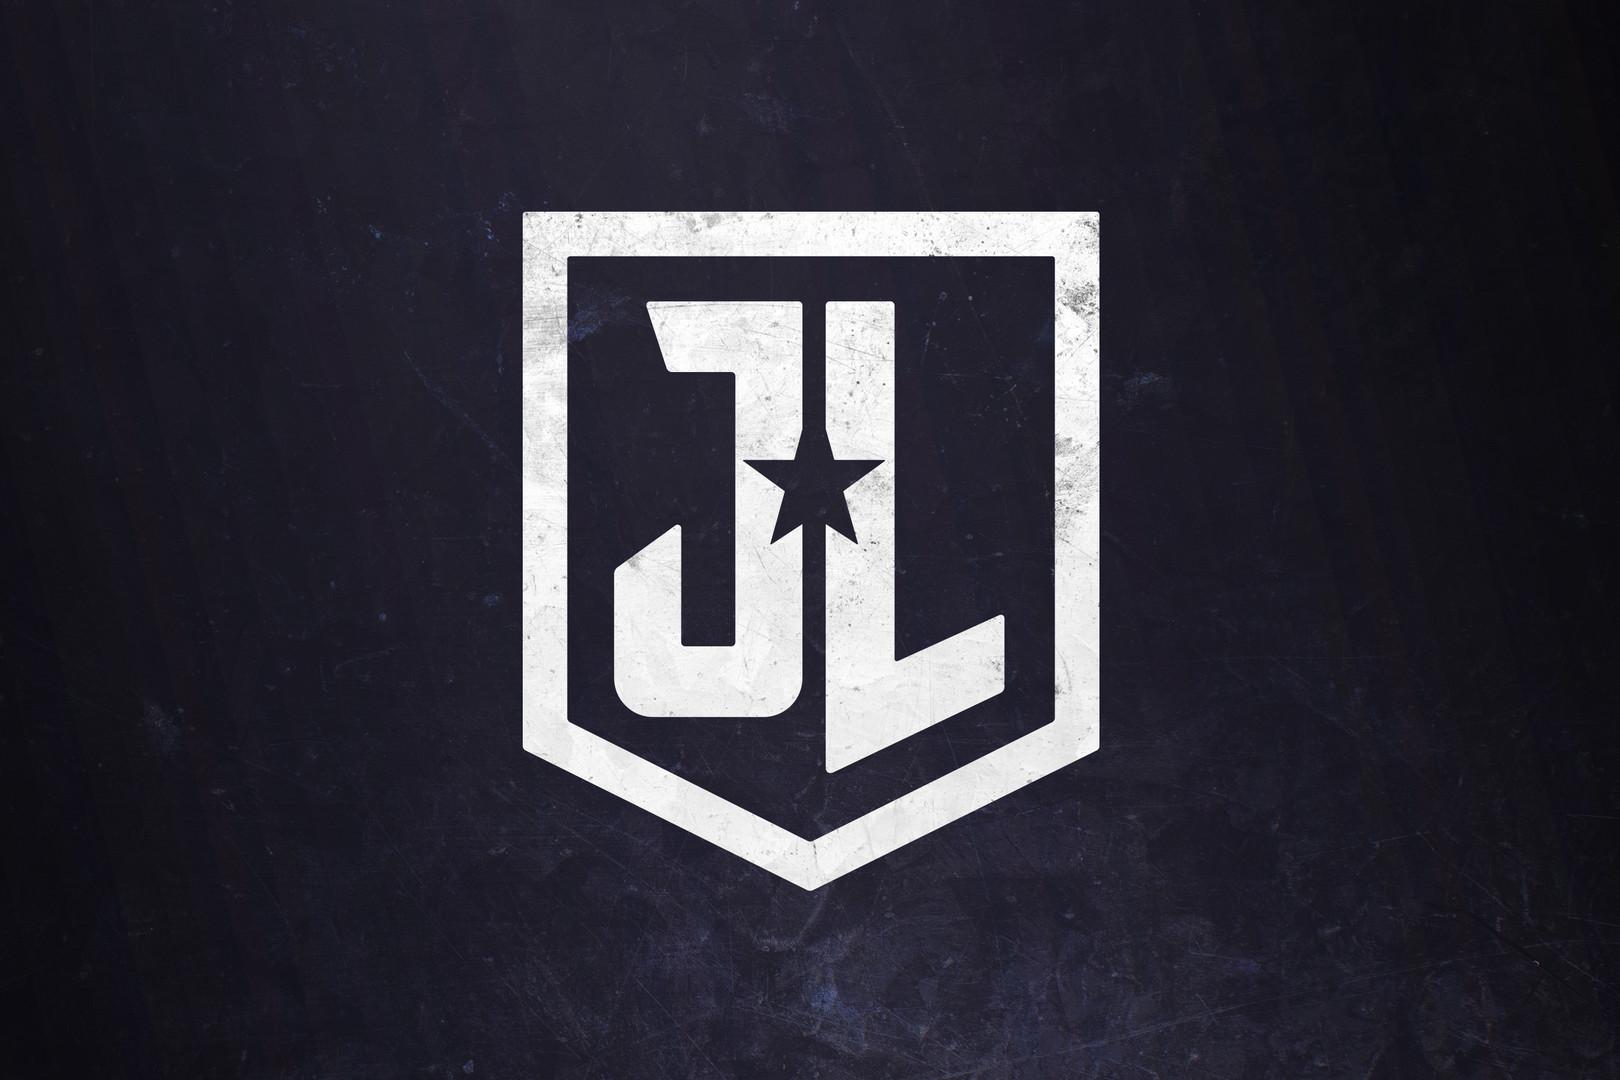 2_JL_Type_Monogram_3.jpg